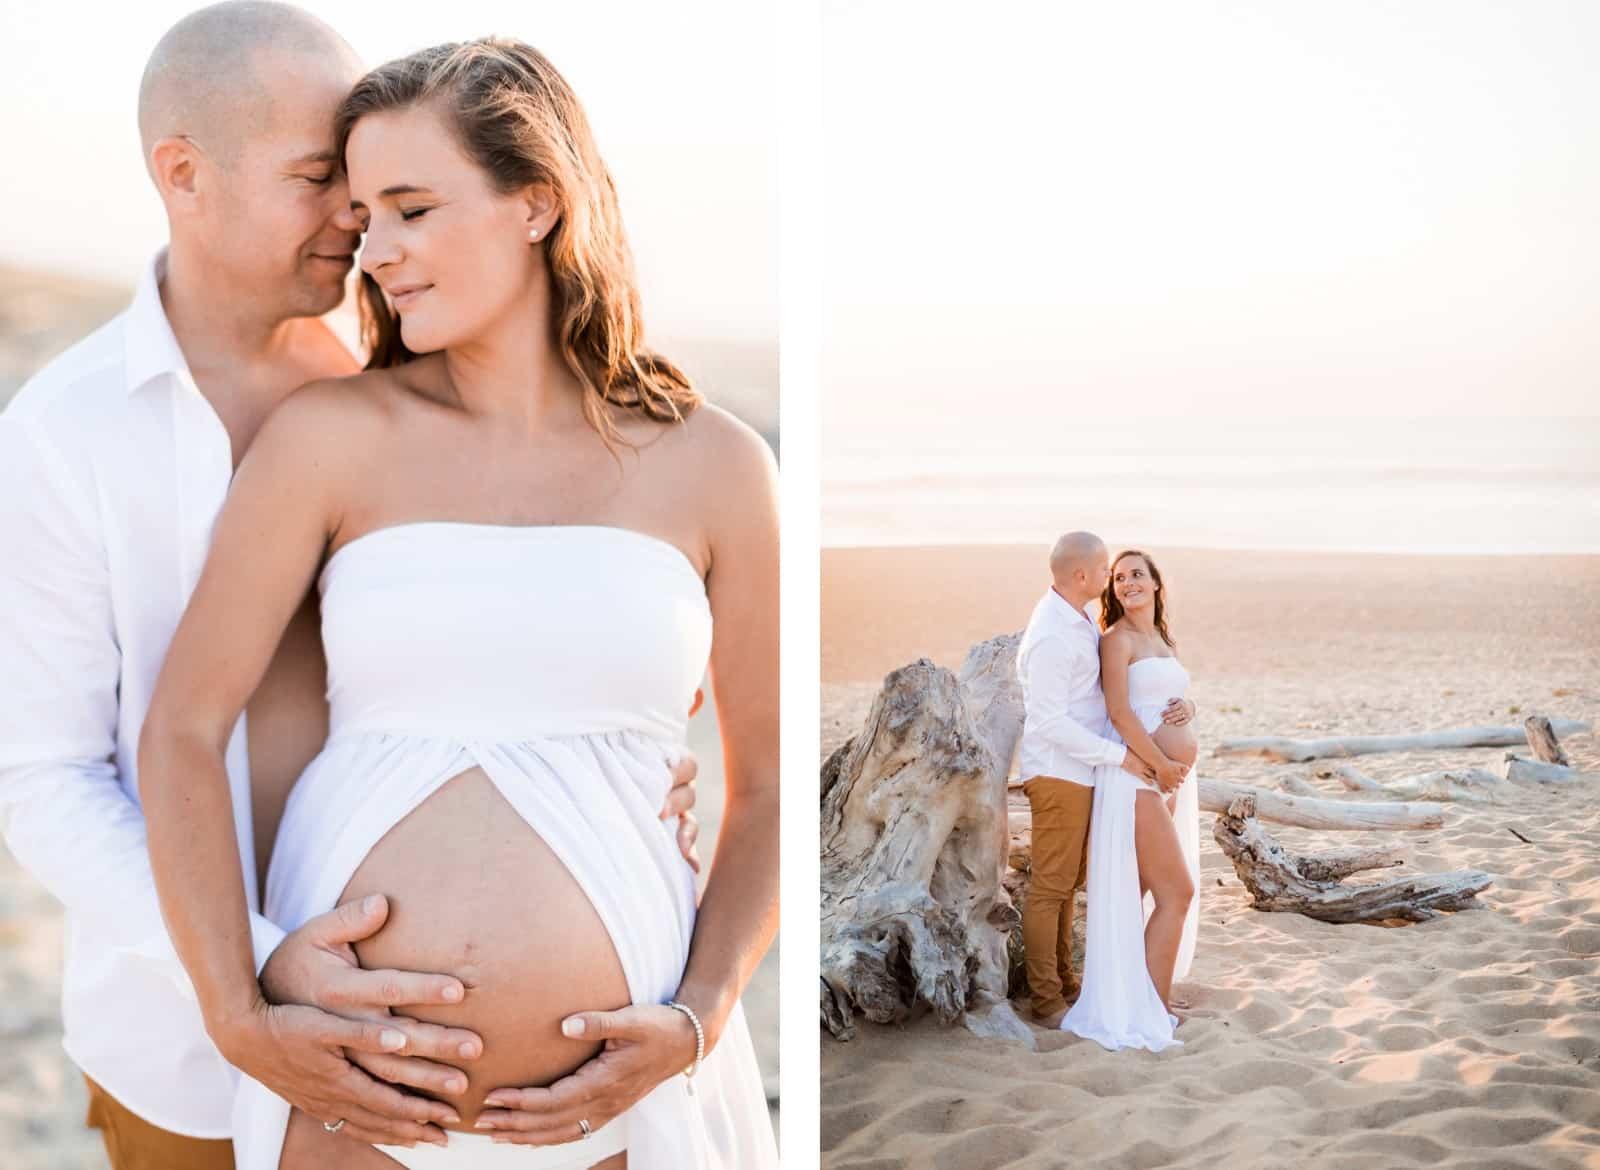 Photographie de Mathieu Dété, photographe de mariage et famille à Saint-Gilles de la Réunion 974, présentant des futurs parents amoureux sur la plage au coucher de soleil